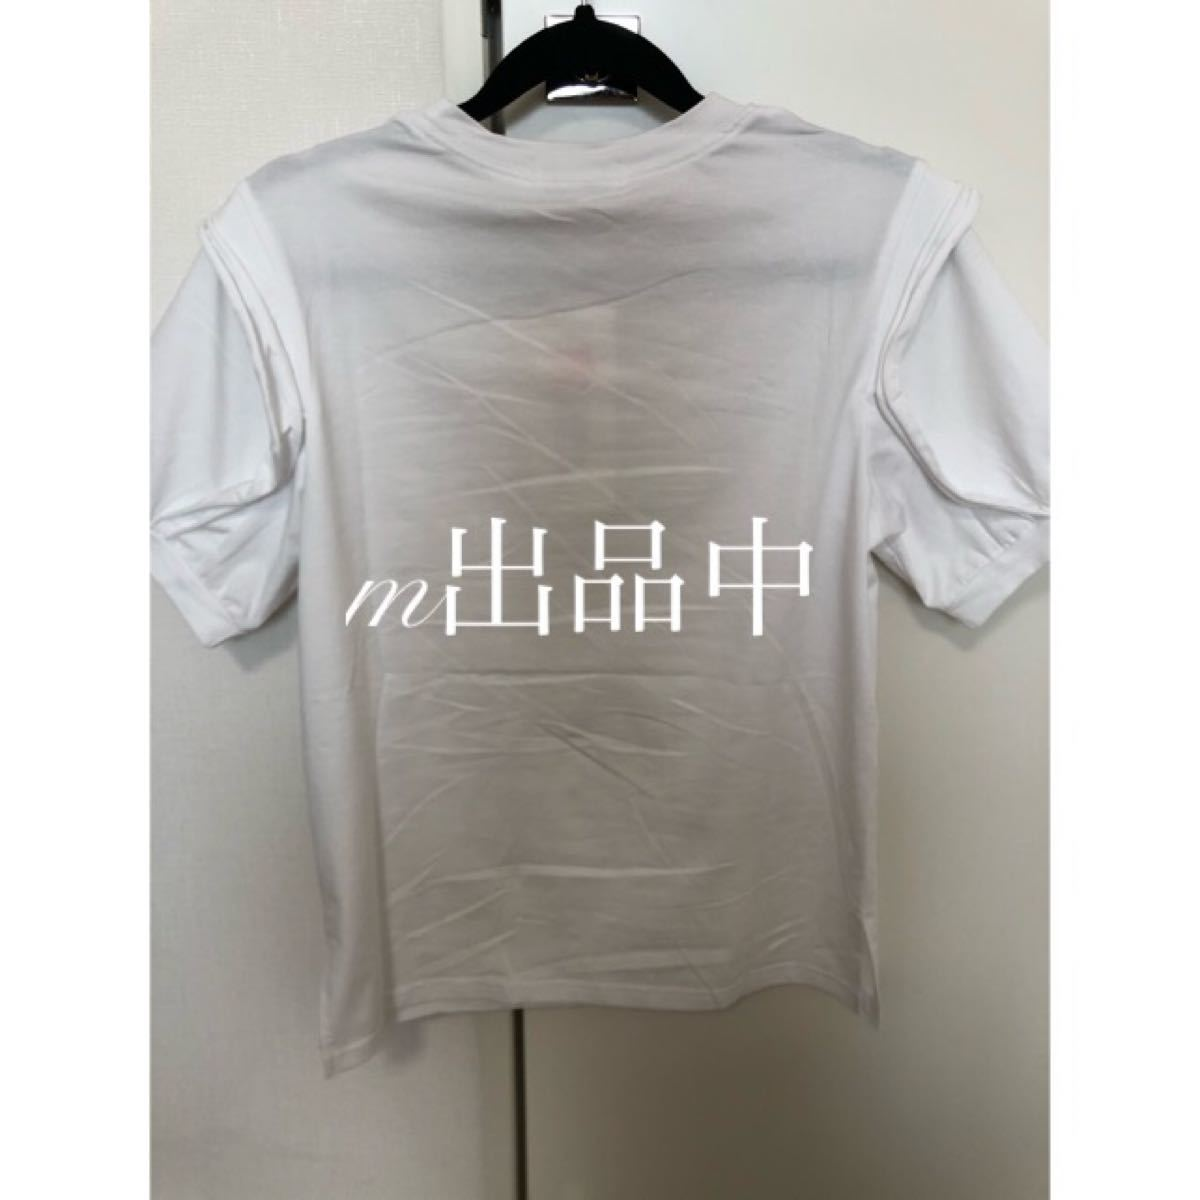 袖フリルTシャツ パフスリーブ カジュアル 白T シンプル スリット モード